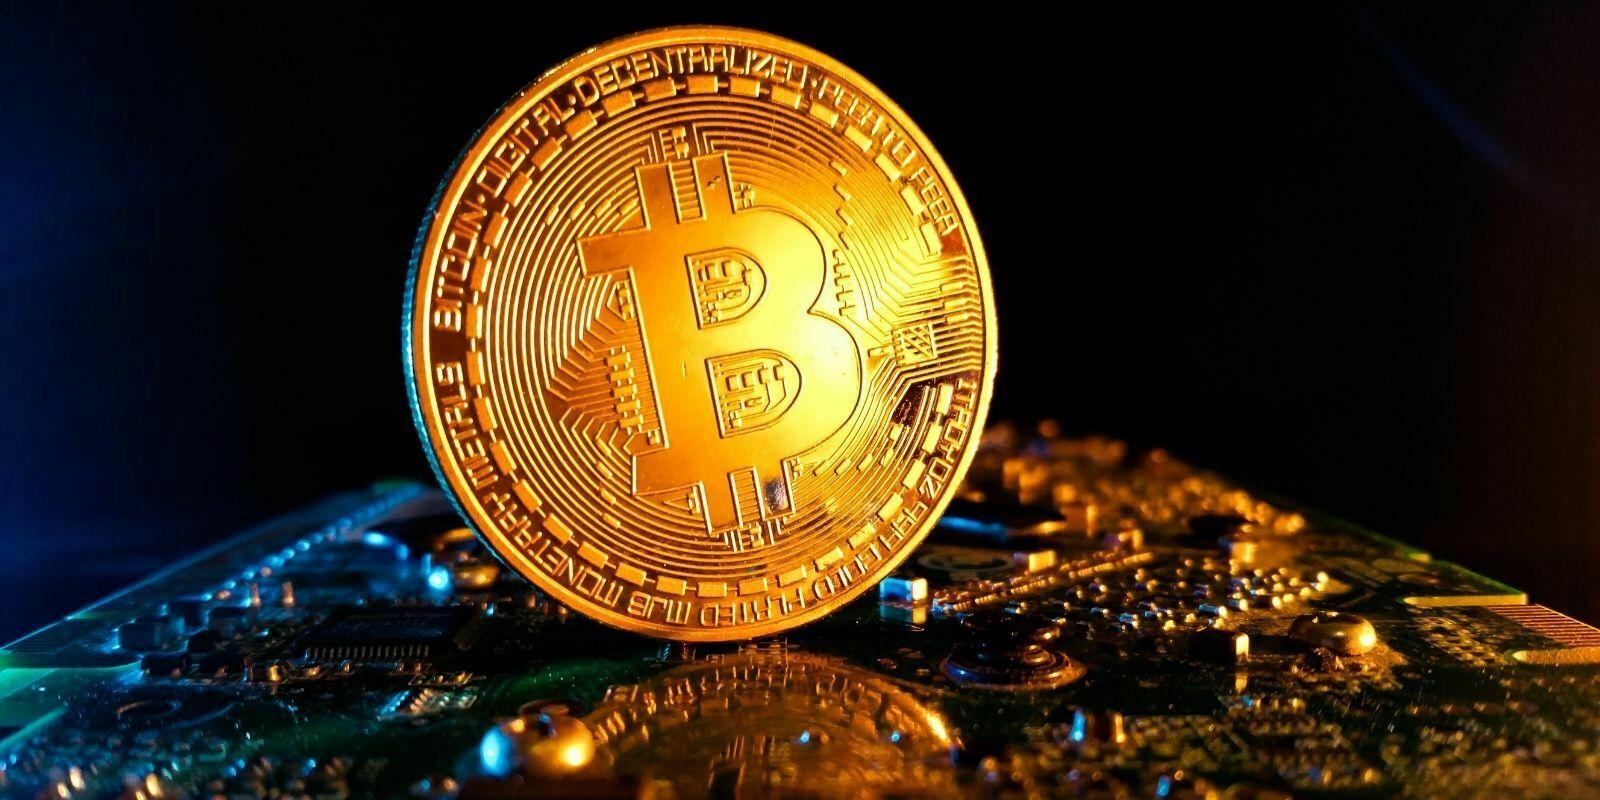 La direction de la Citibank voit un Bitcoin (BTC) à 300 000 $ avant 2022